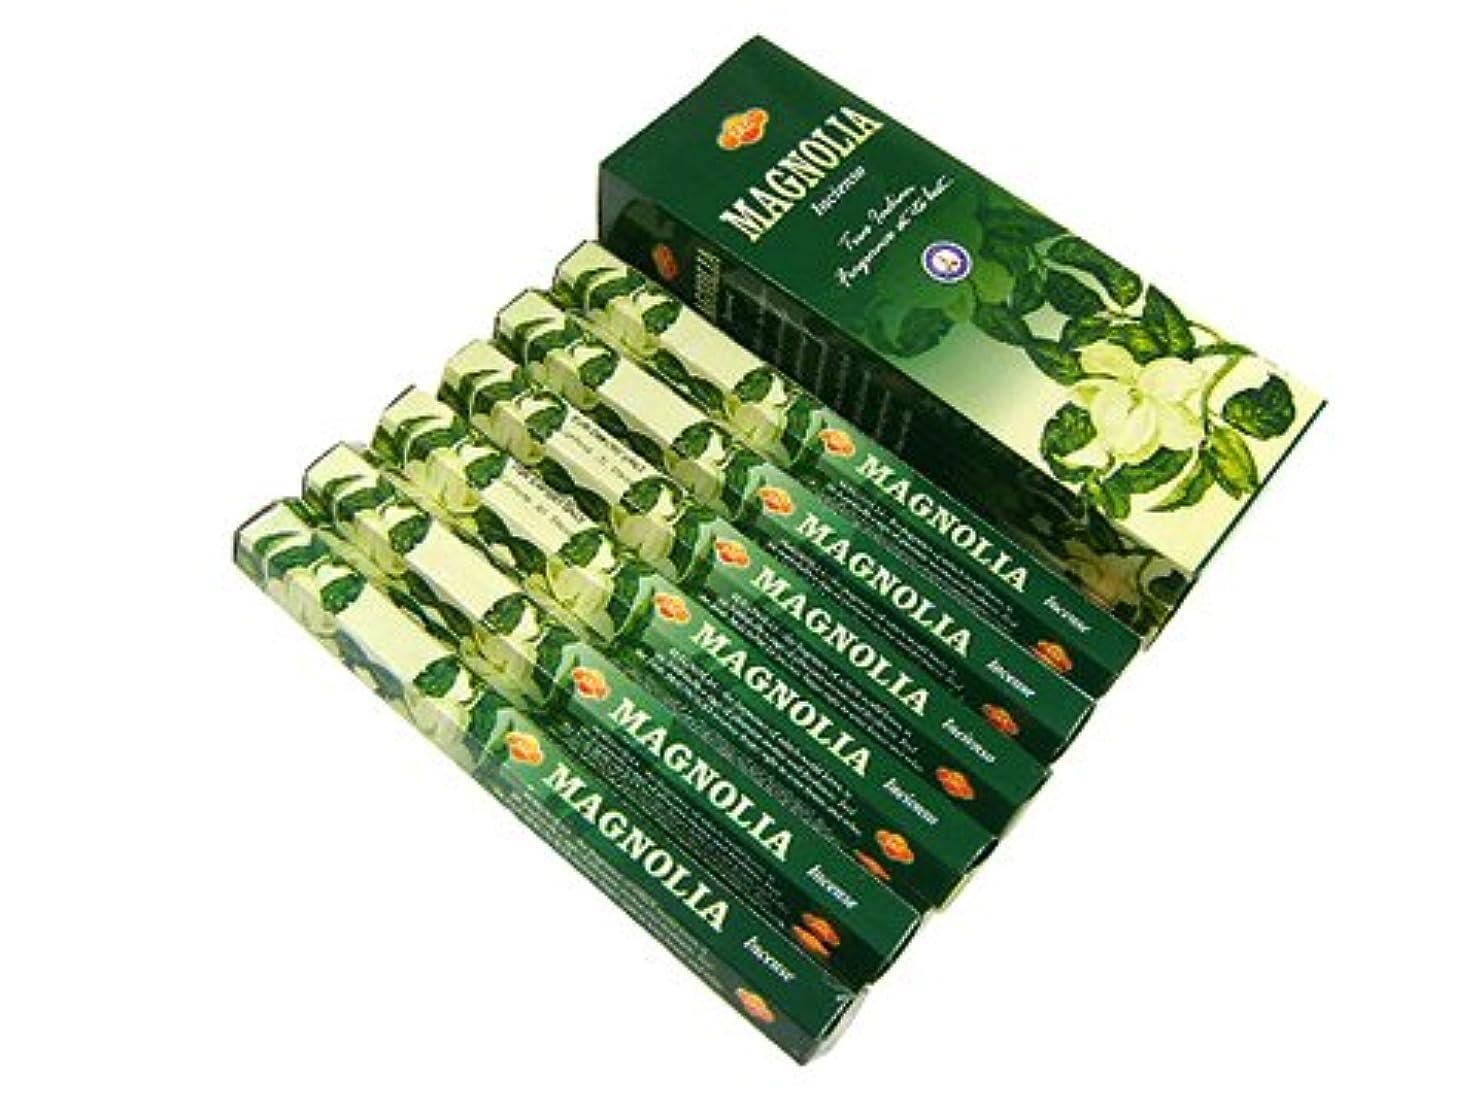 句地上のエンドテーブルSANDESH SAC (サンデッシュ) マグノリア香 スティック MAGNOLIA 6箱セット